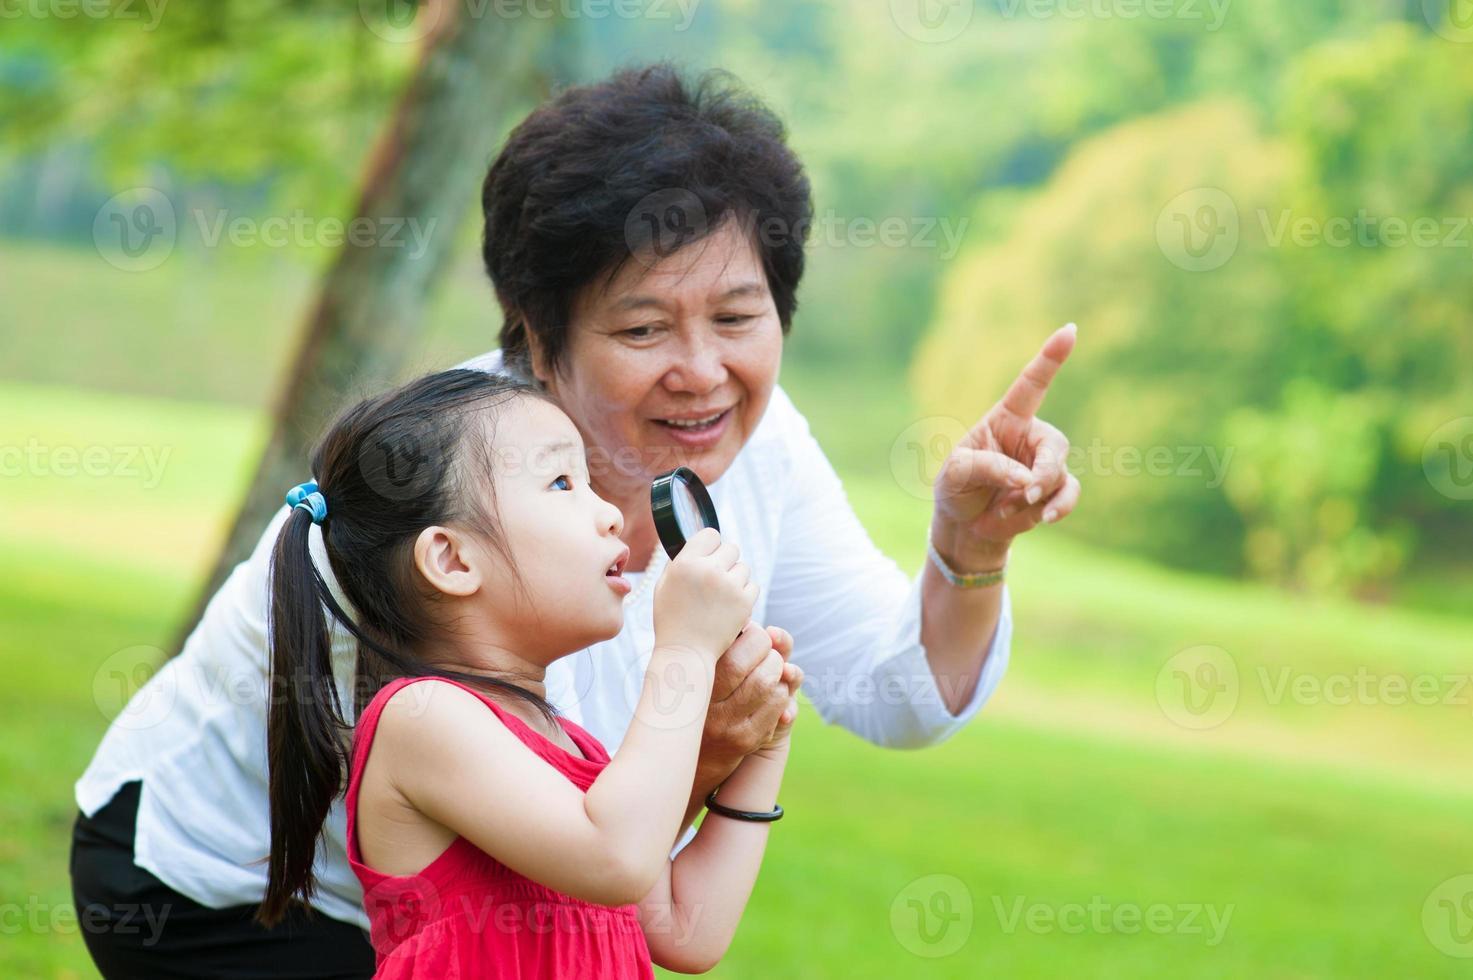 mormor och barnbarn pekar på något i parken foto